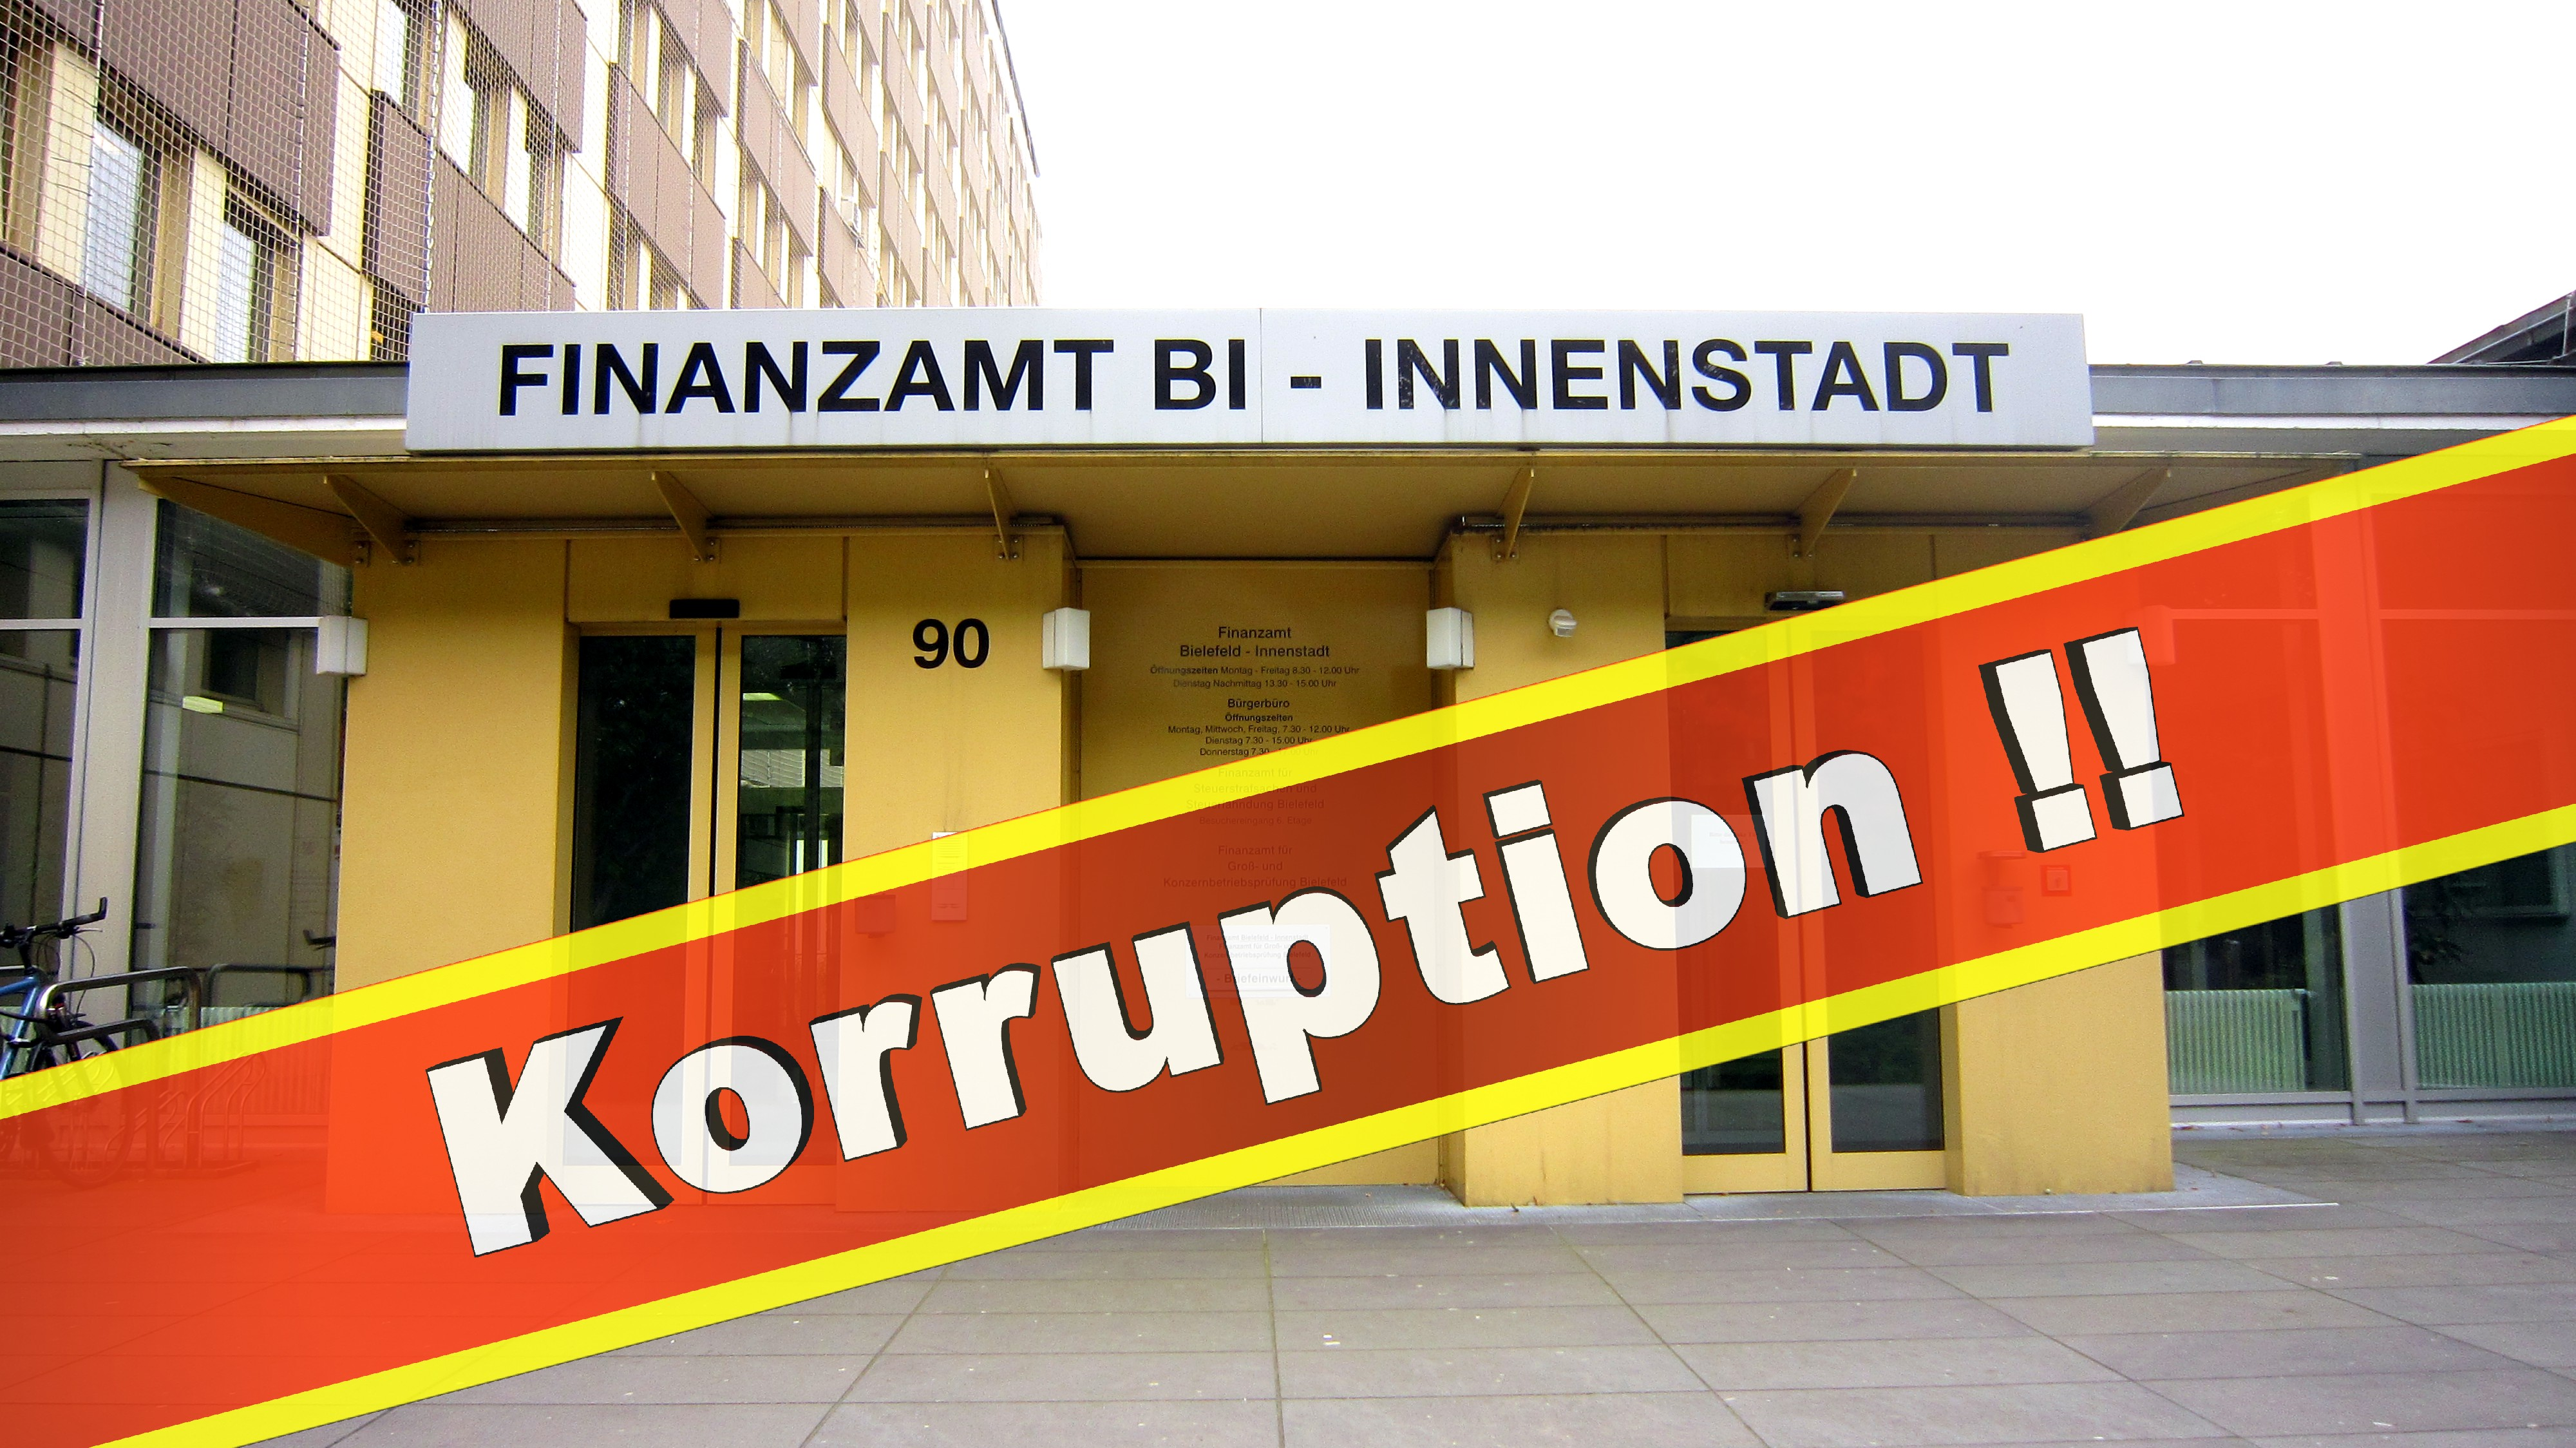 Finanzamt Bielefeld Innenstadt Finanzamt Bielefeld Außenstadt (23)